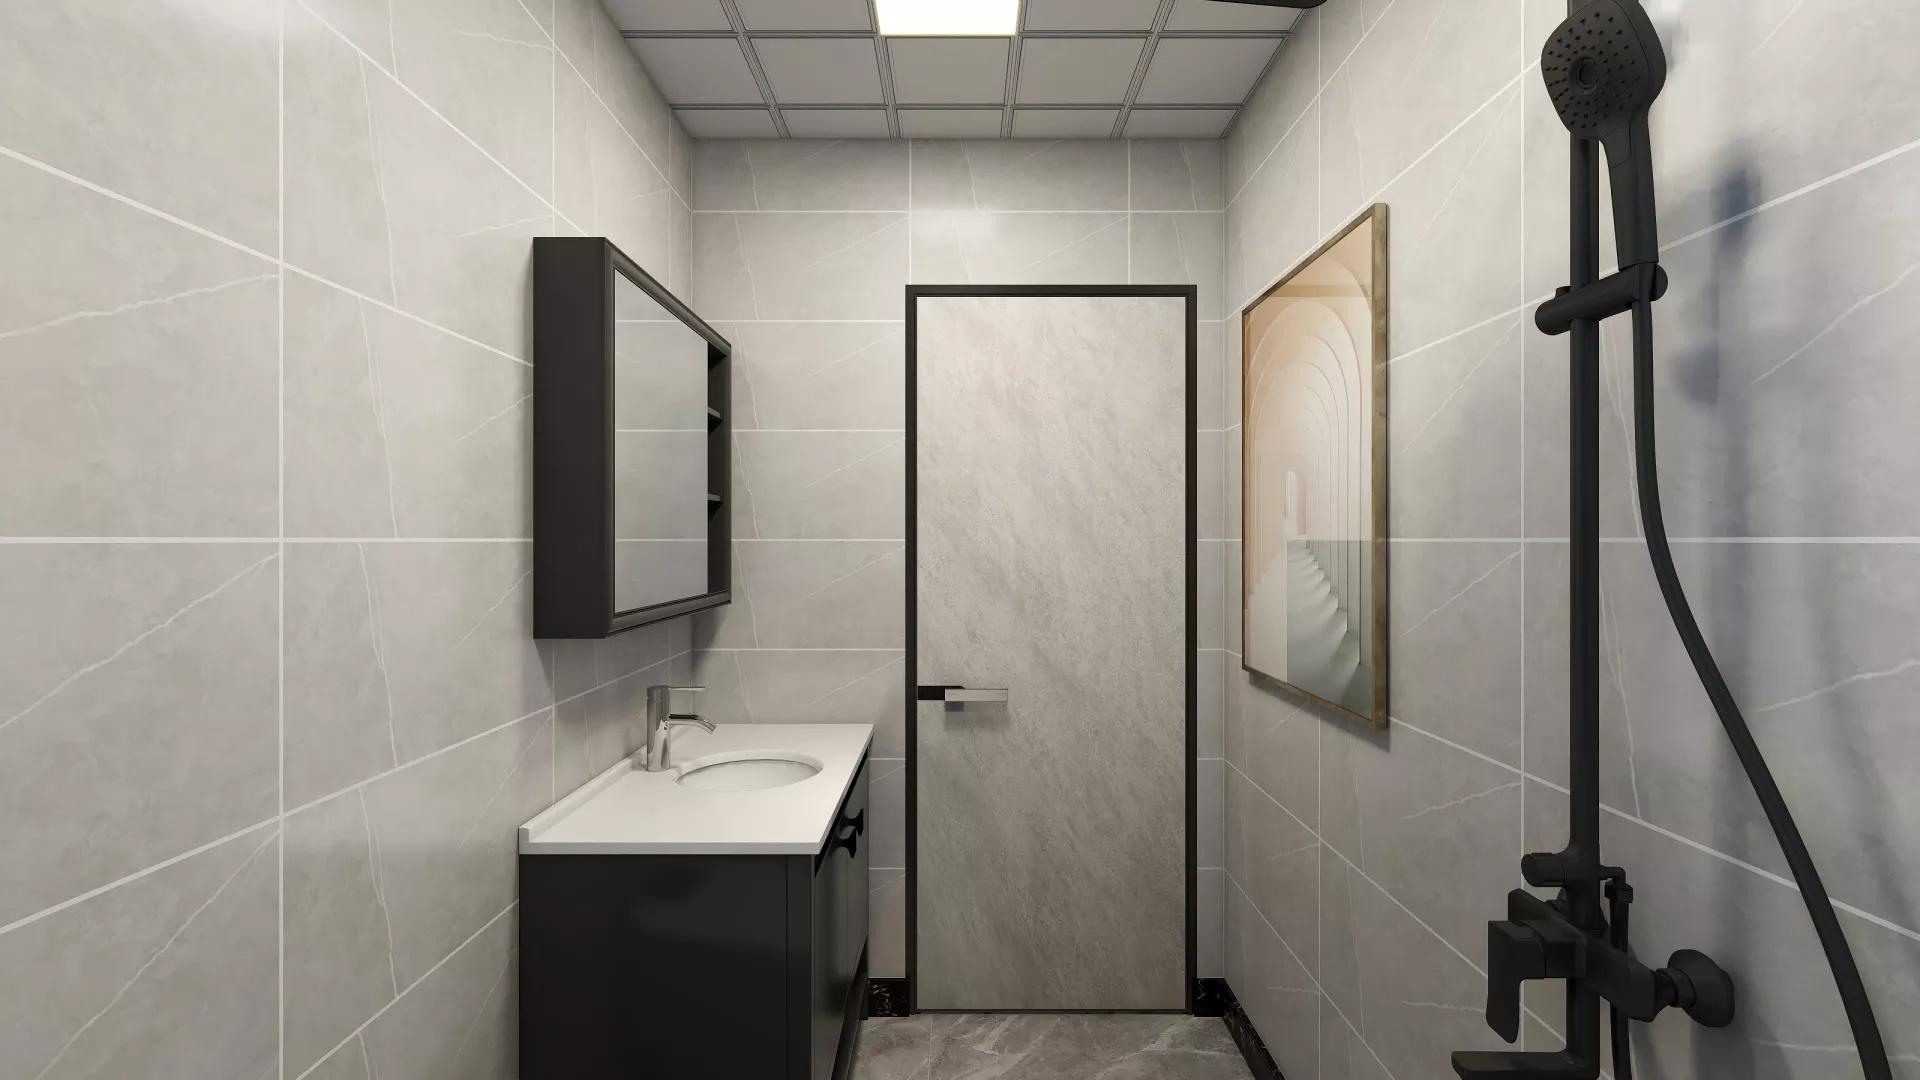 卫生间没窗户如何装修?怎样装修解决卫生间没窗的问题?